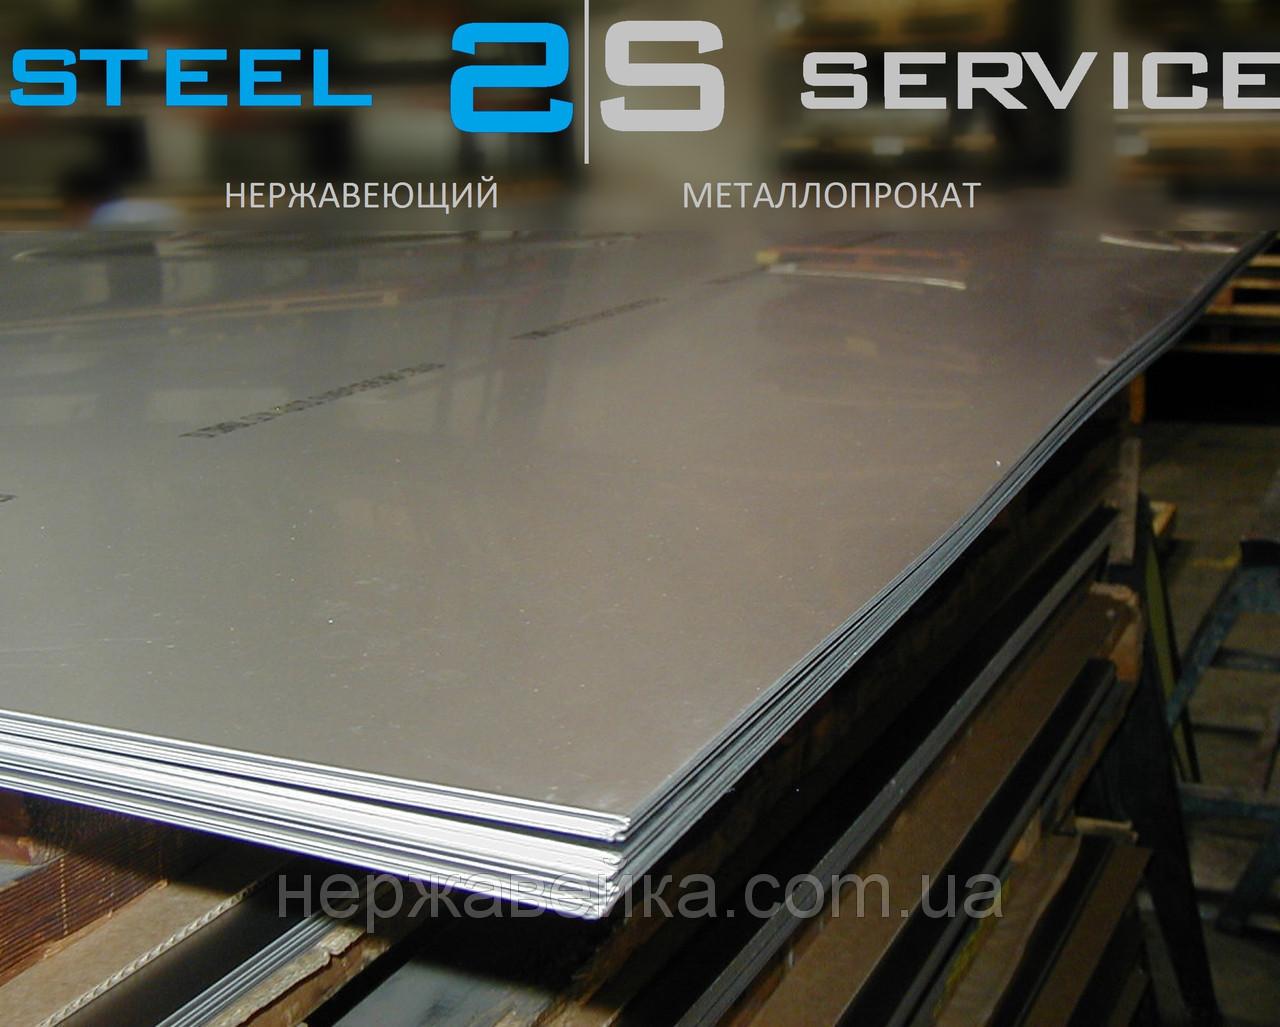 Нержавеющий лист 0,4х1250х2500мм AISI 304(08Х18Н10) 4N - шлифованный, пищевой